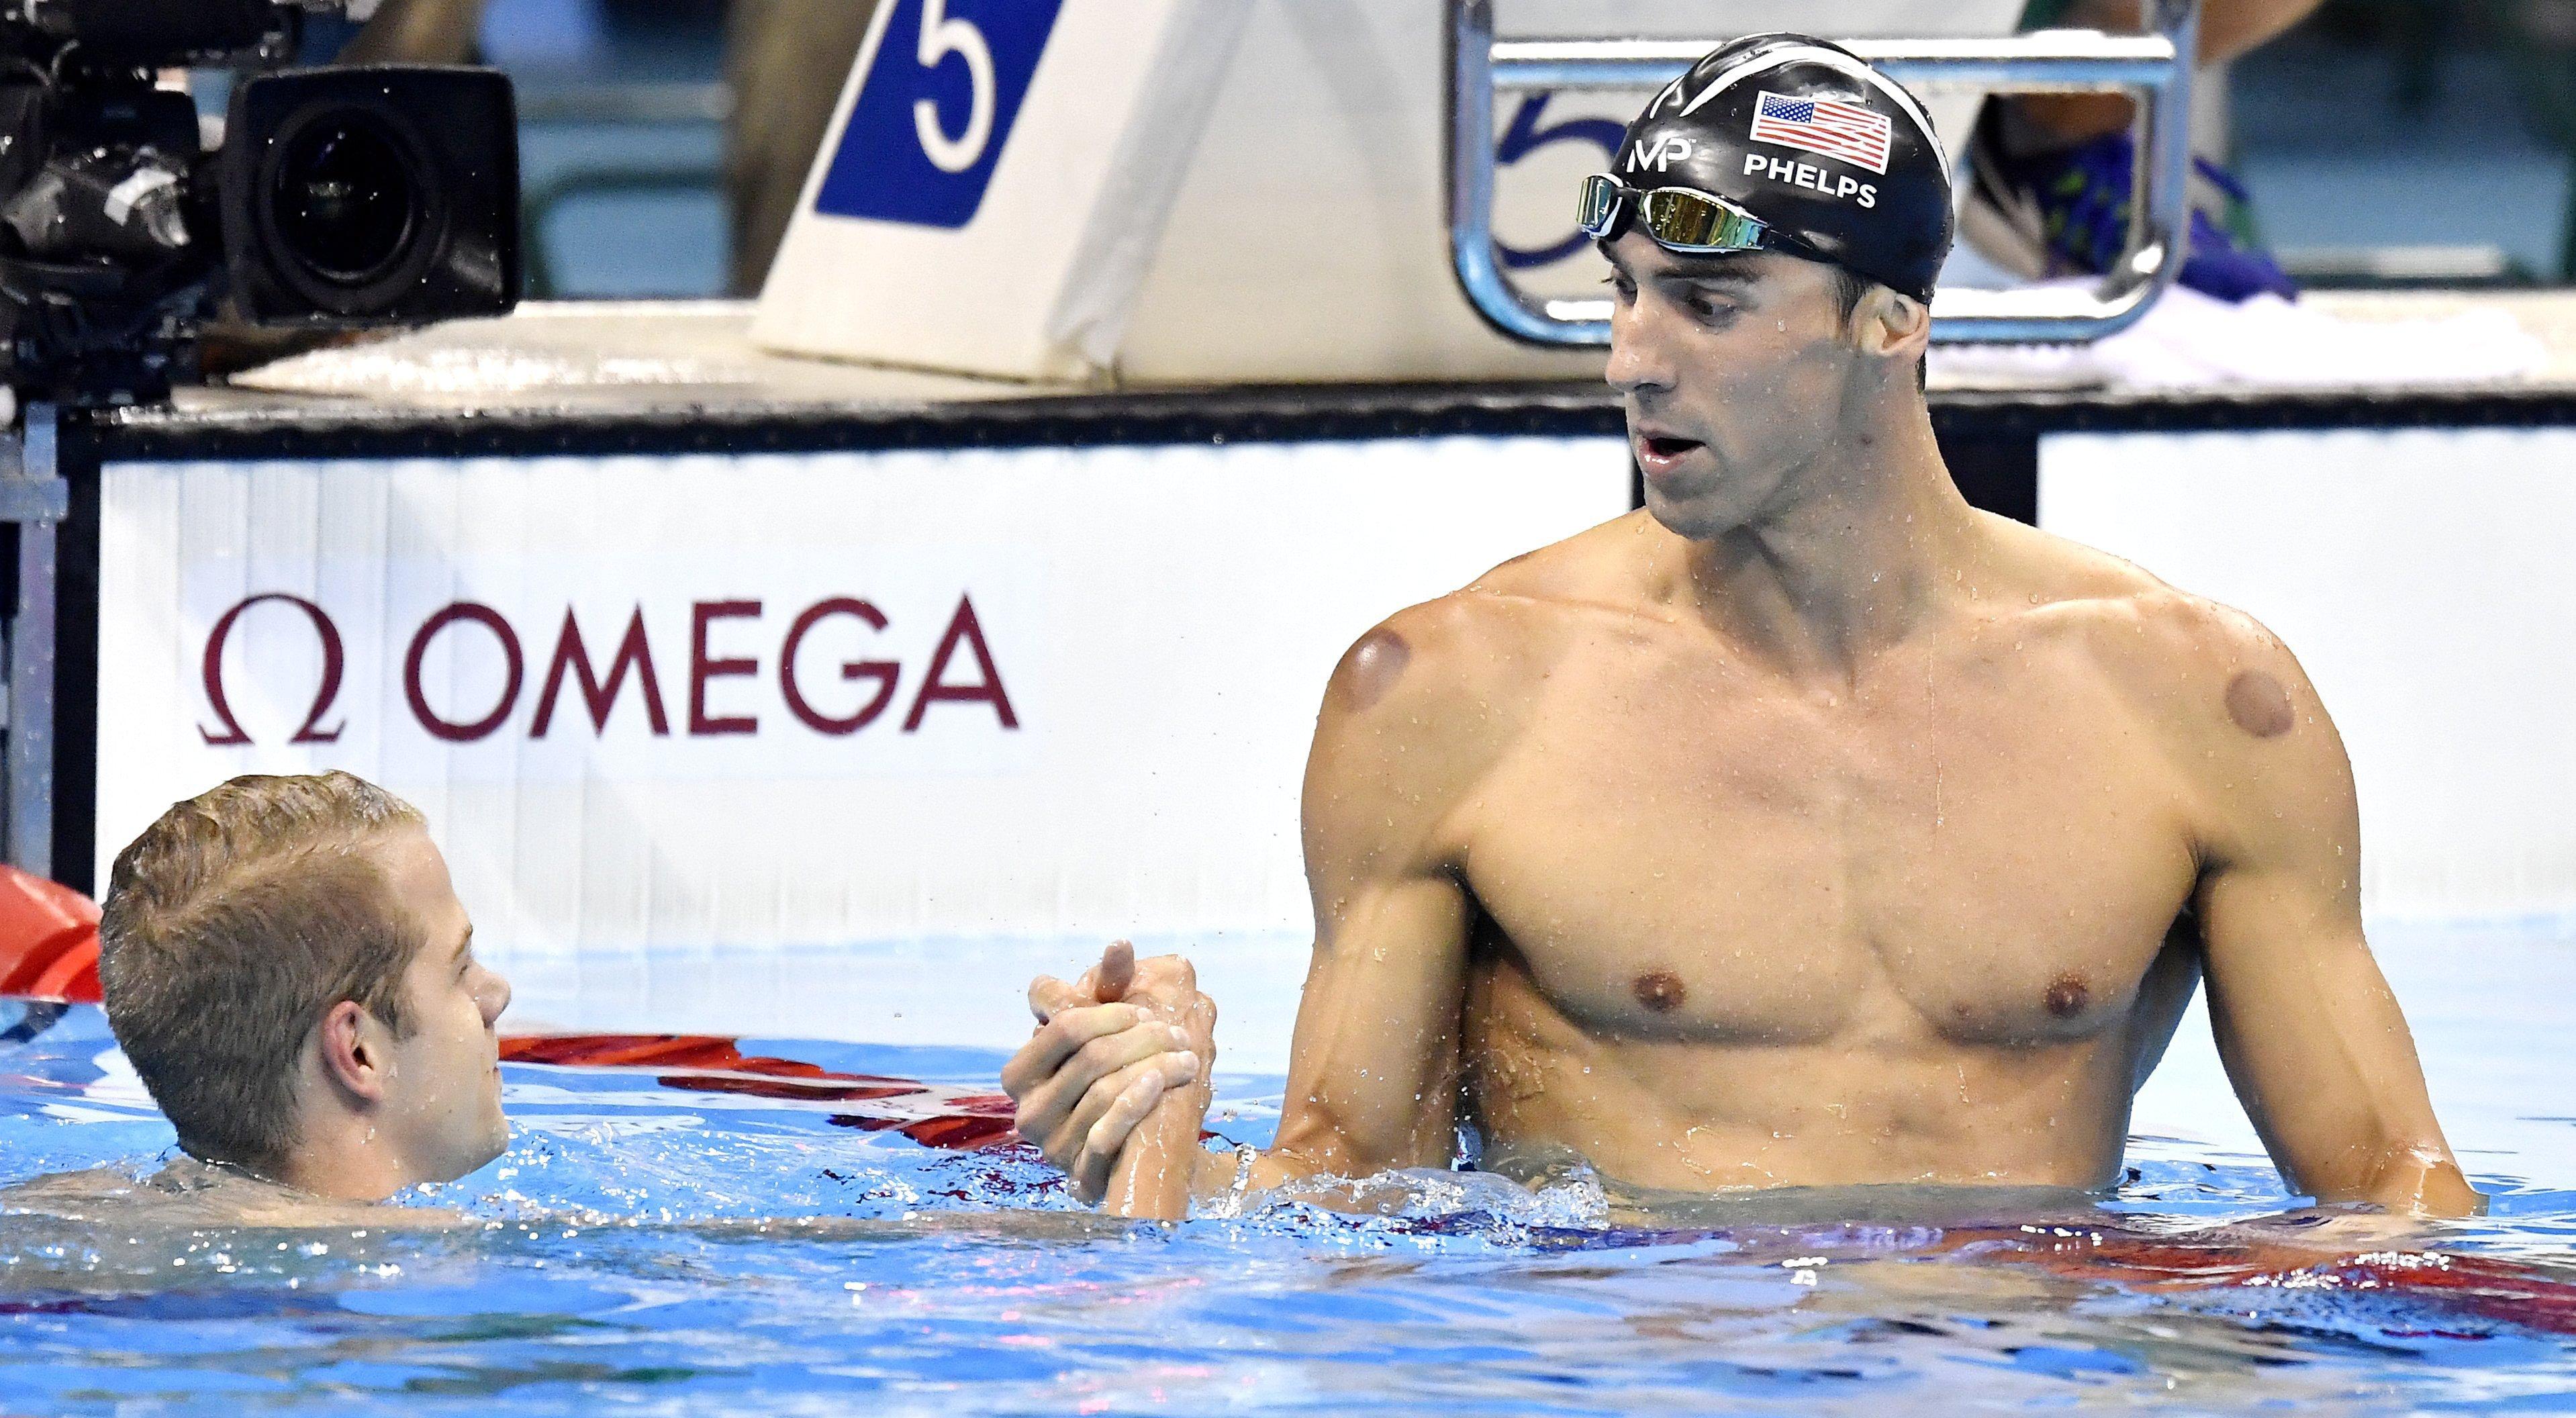 A világ legizgalmasabb úszóversenyét szervezték rá az amerikaiak a budapesti úszó-vb-re